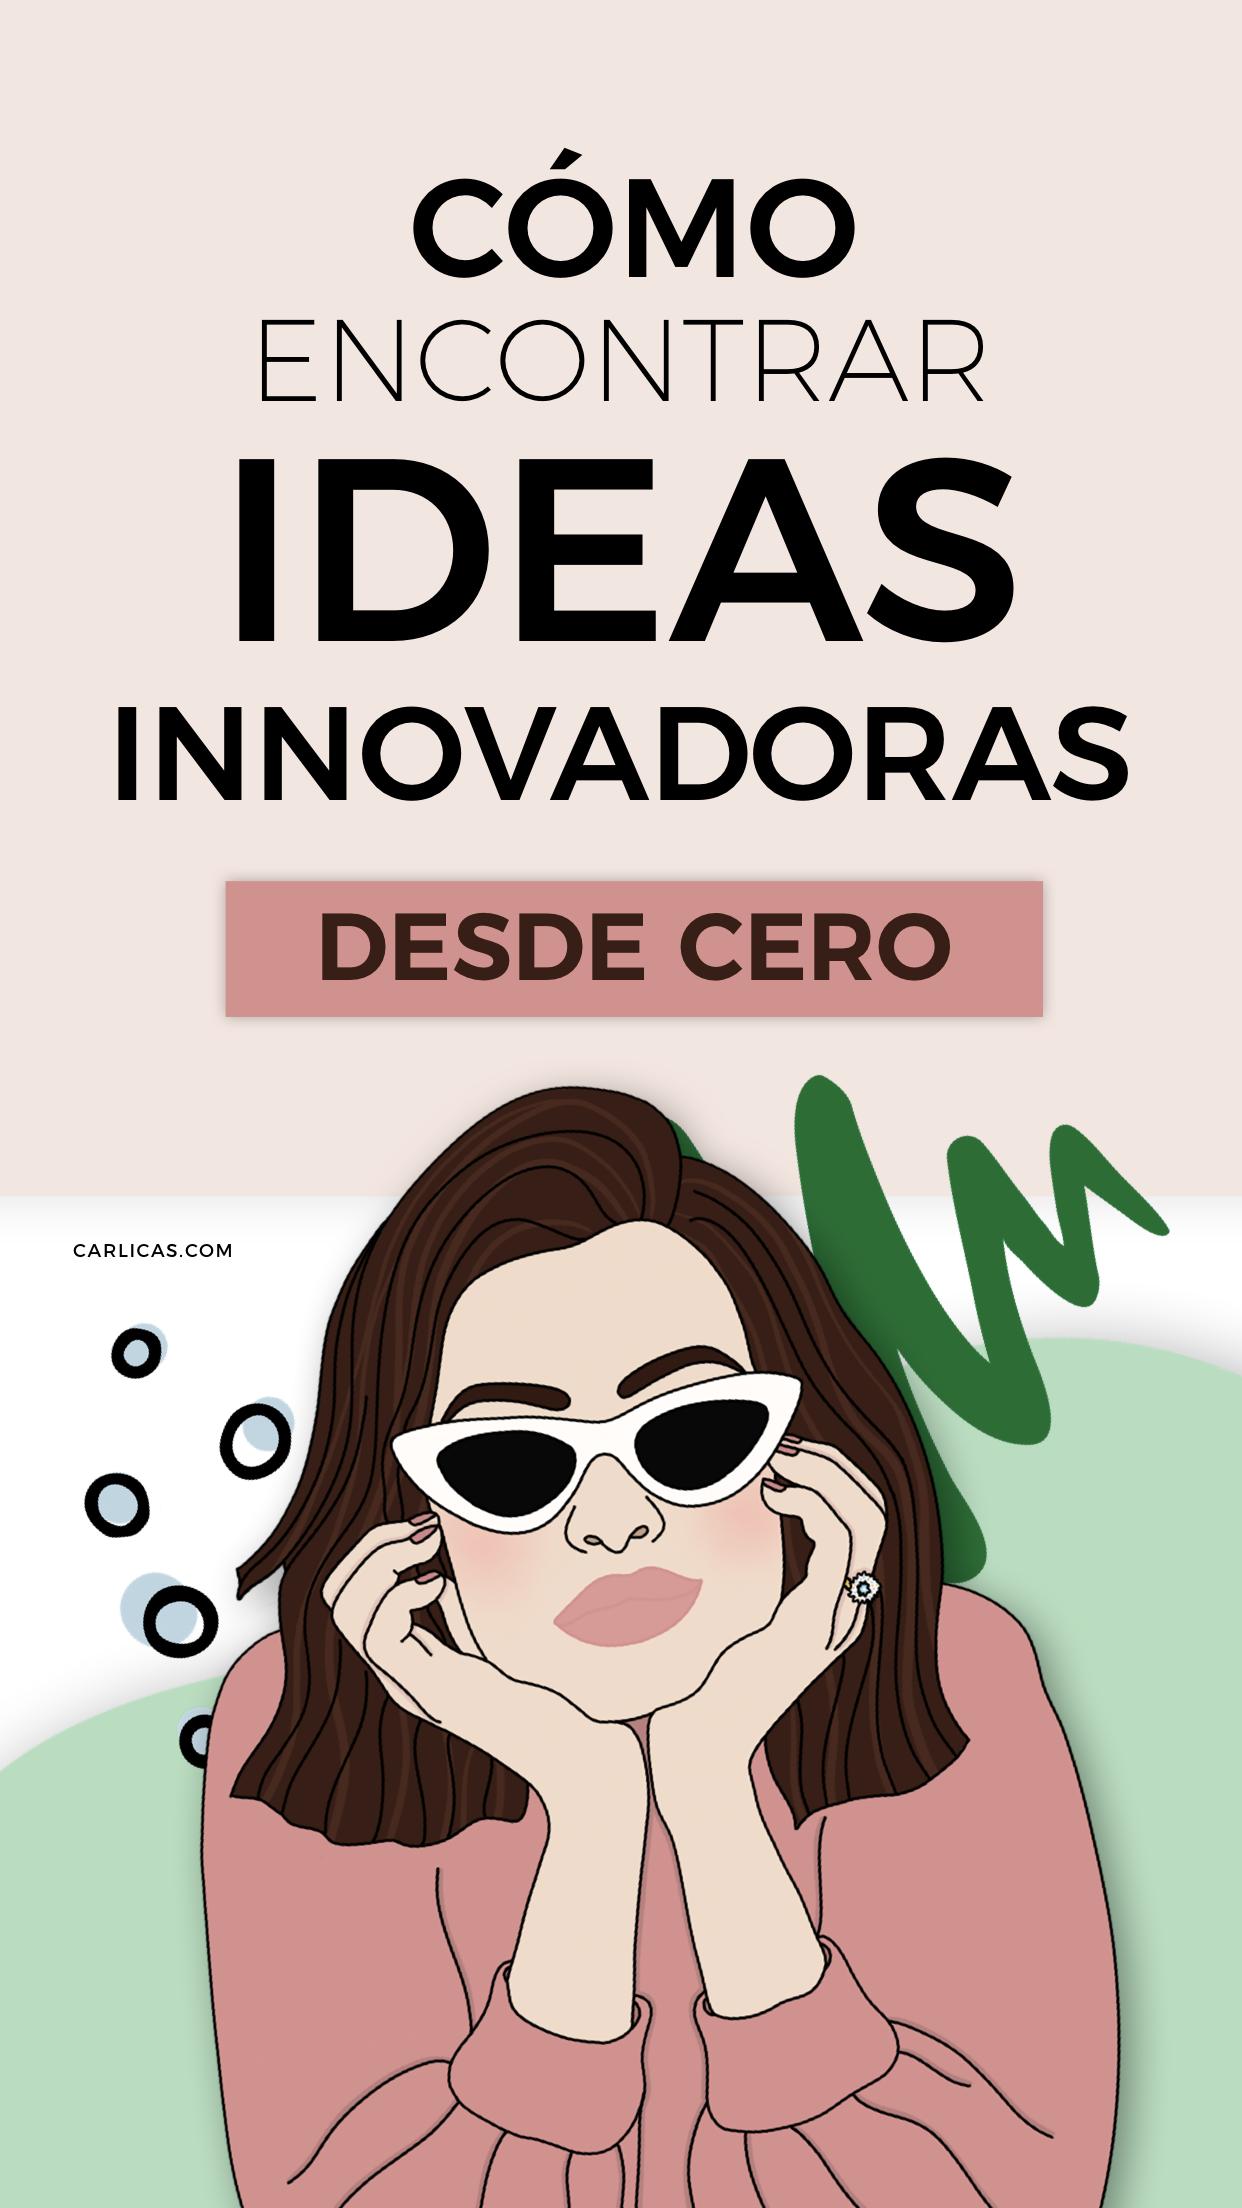 El Secreto Para Encontrar Ideas Innovadoras Emprendimiento Productos Innovadores Emprendimiento Emprendimiento Empresarial